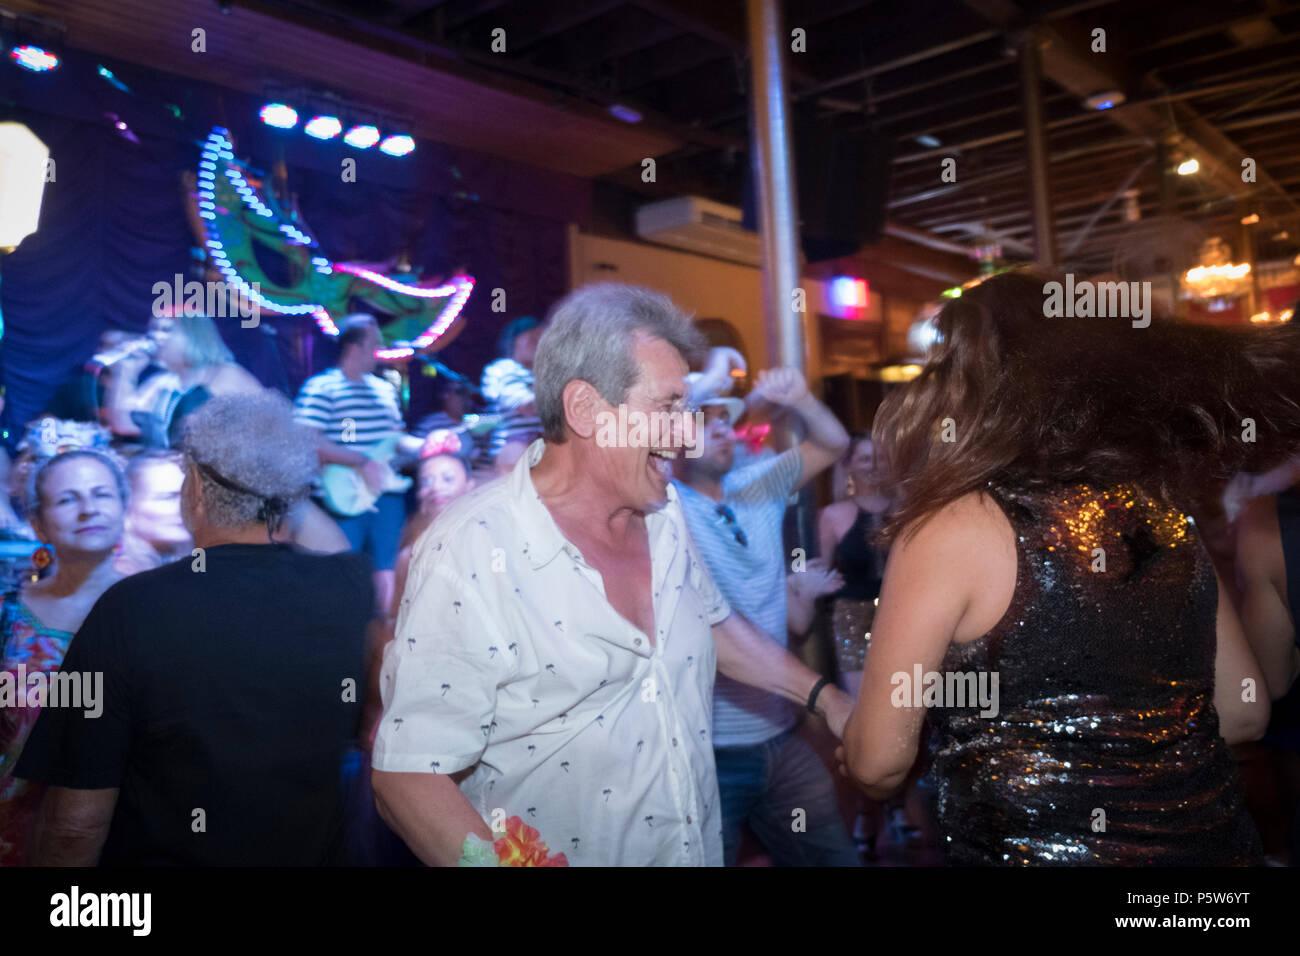 Coppia danzante a carnevale palla in Rio Scenarium samba club, Lapa, Rio, Carnevale 2018 Immagini Stock